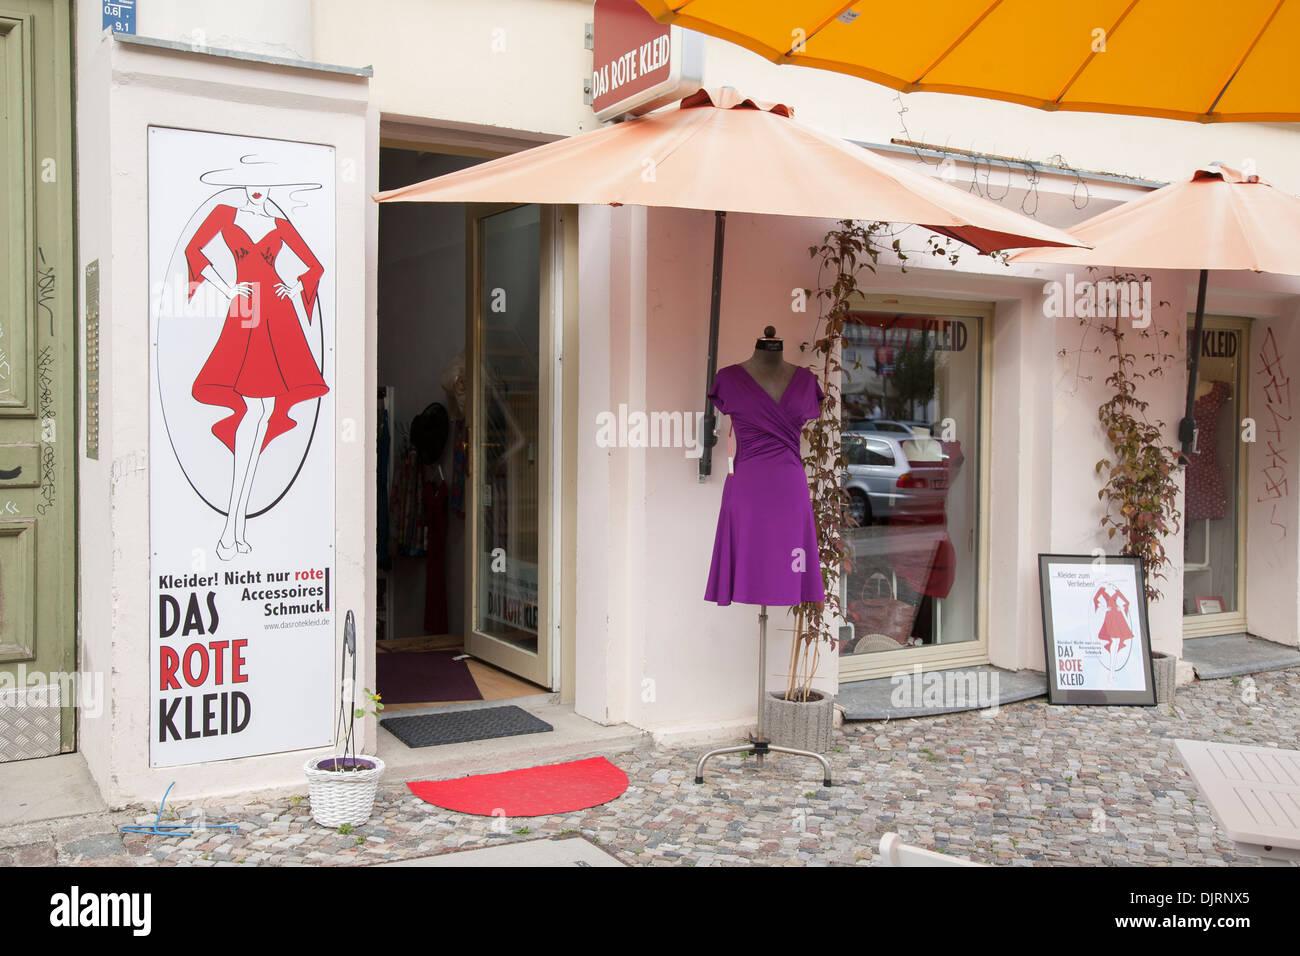 Das rote kleid in berlin